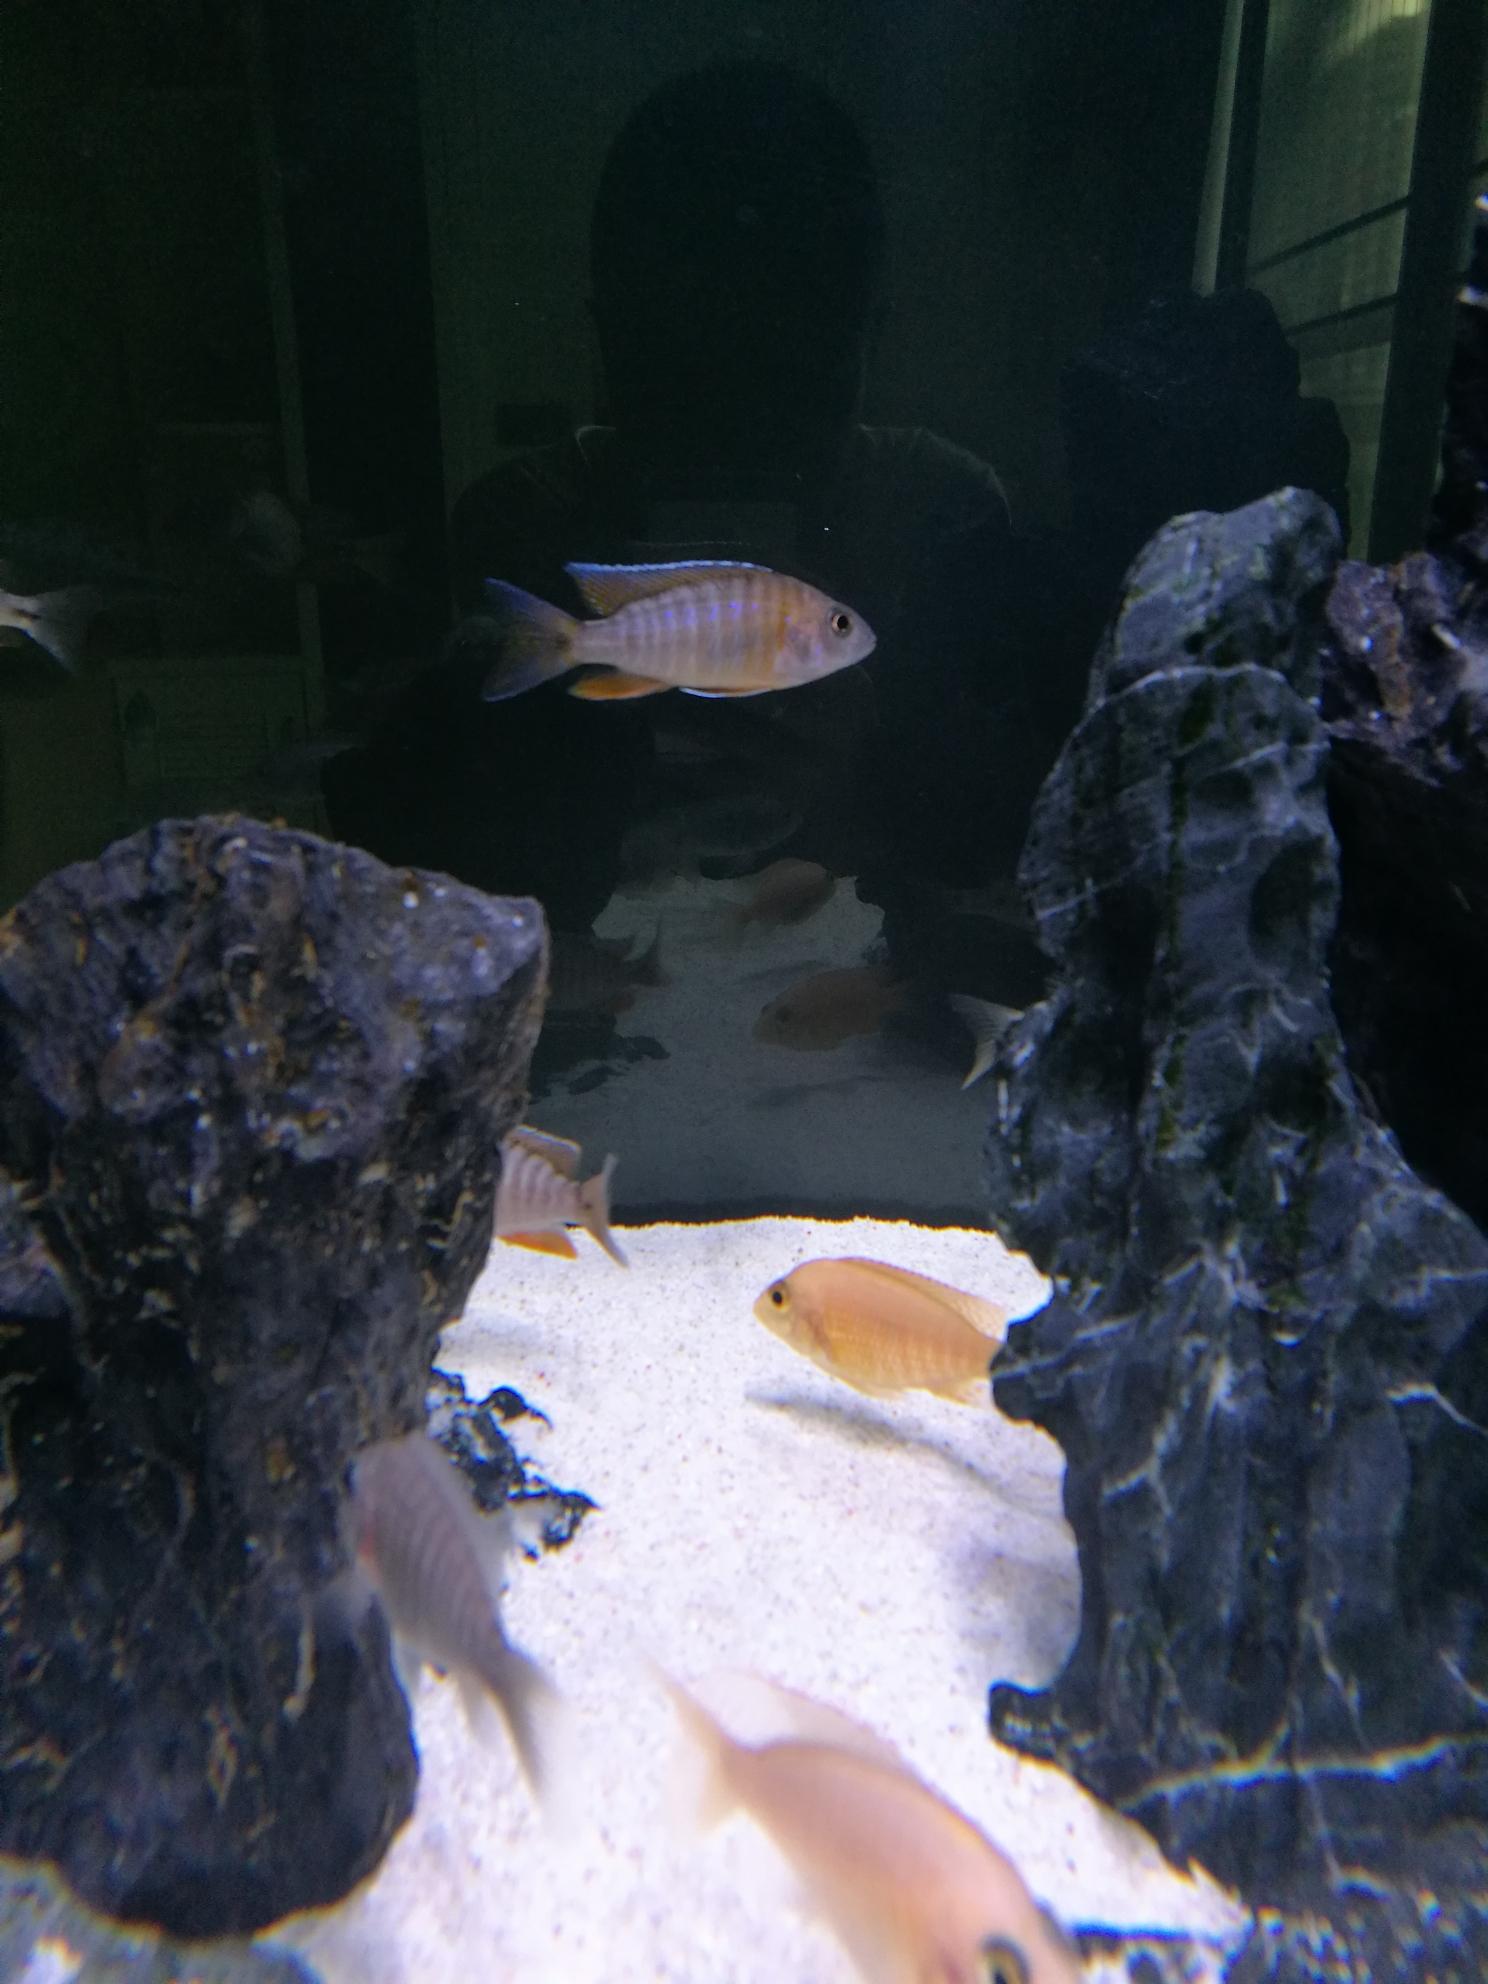 红珊瑚成长记三湖慈鲷 绵阳水族批发市场 绵阳水族批发市场第7张